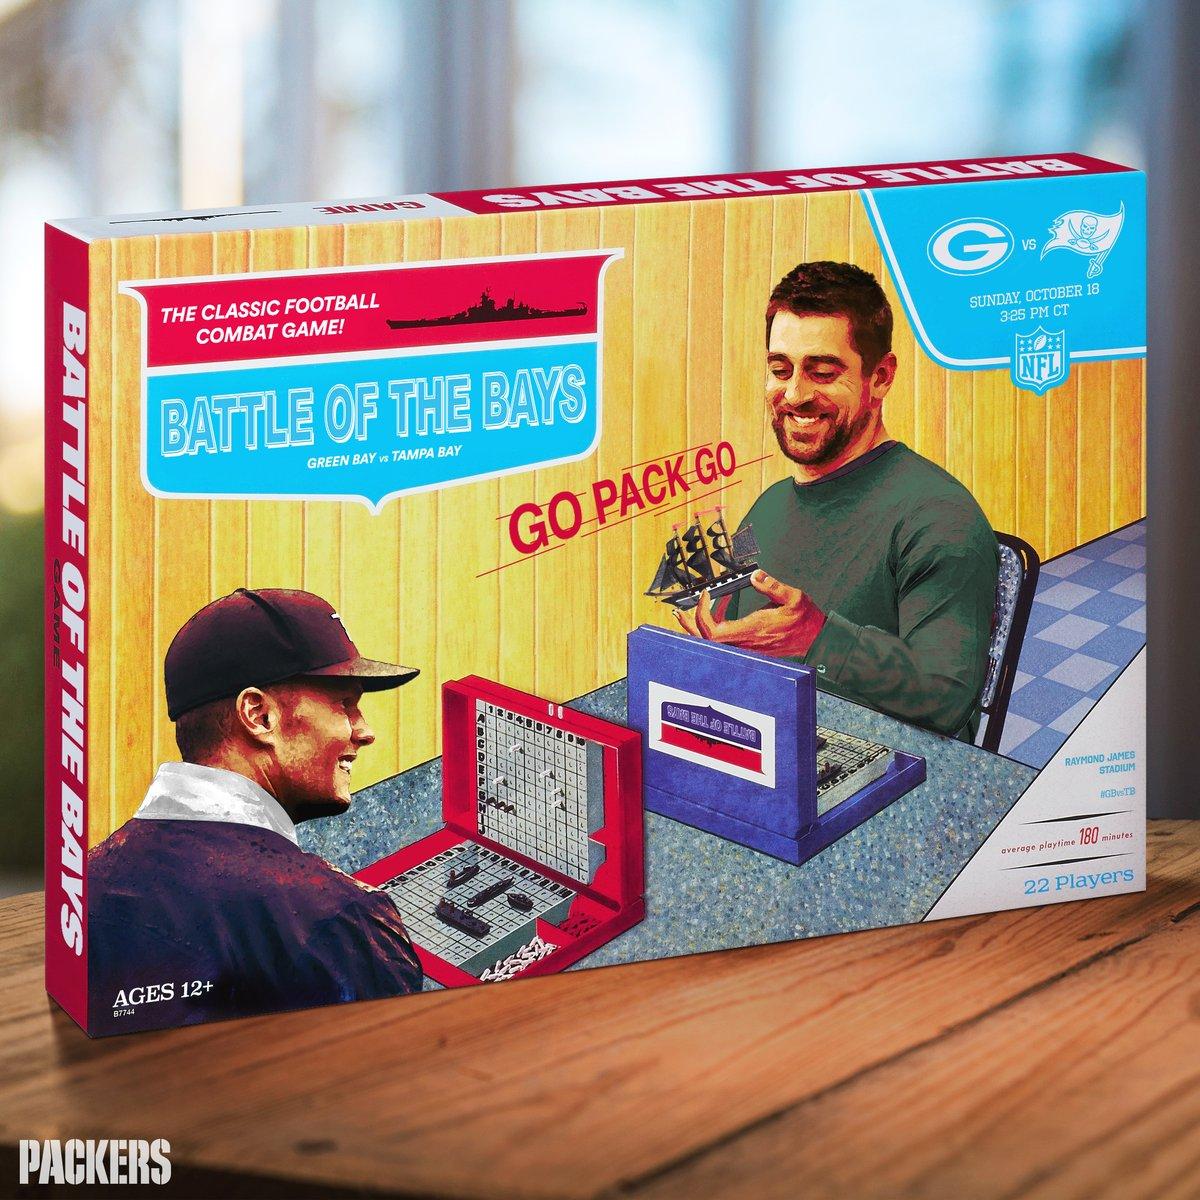 A classic game. #GBvsTB | #GoPackGo